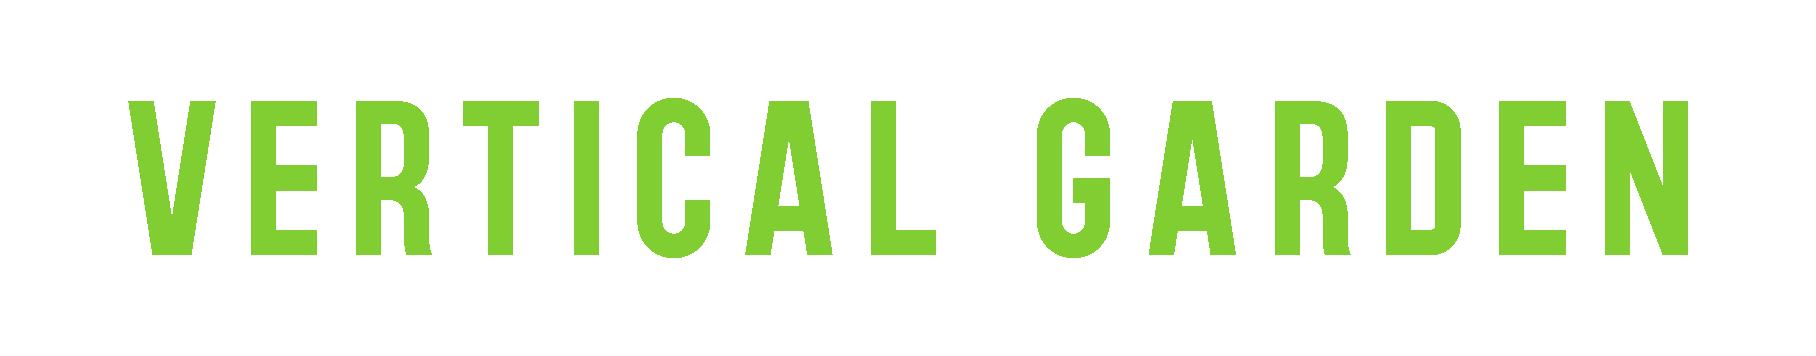 logo vertical garden plantas desidratadas